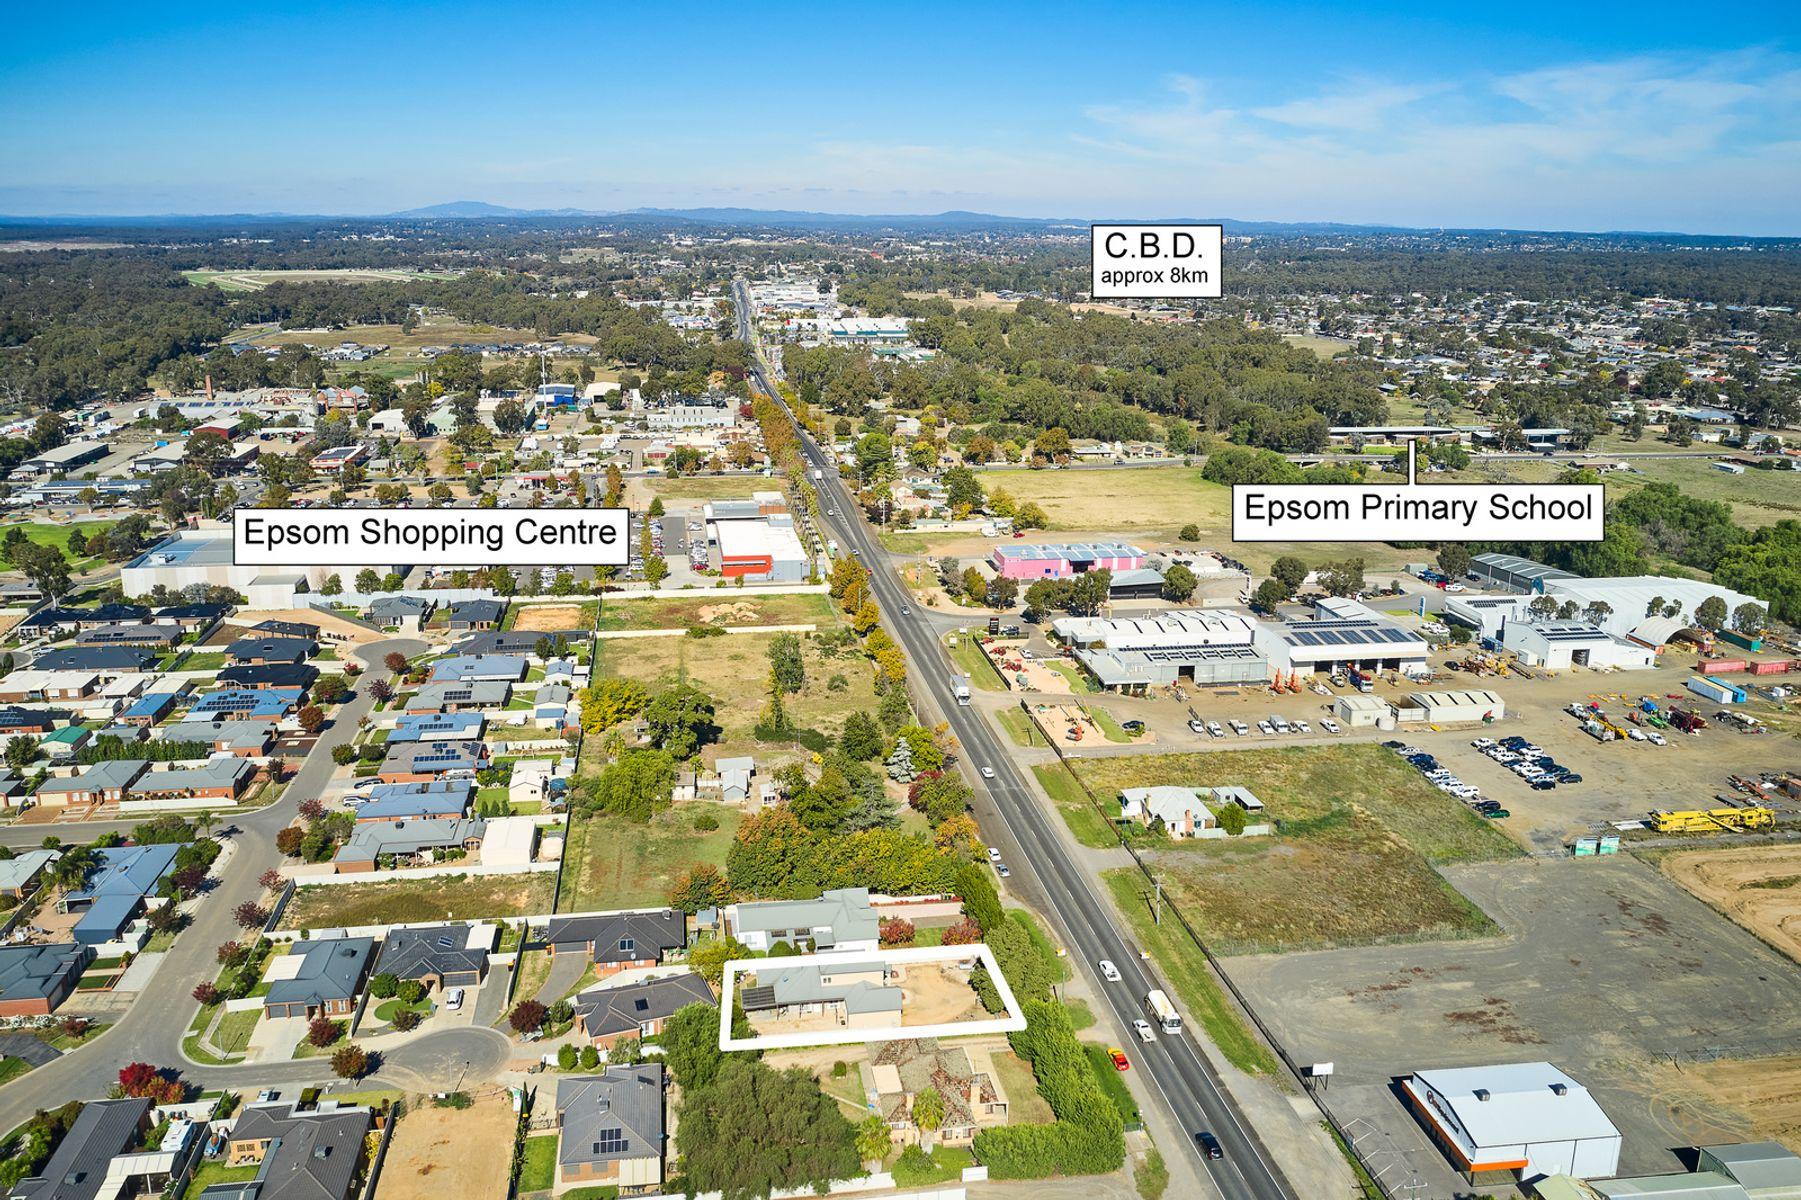 224 Midland Highway, Epsom, VIC 3551